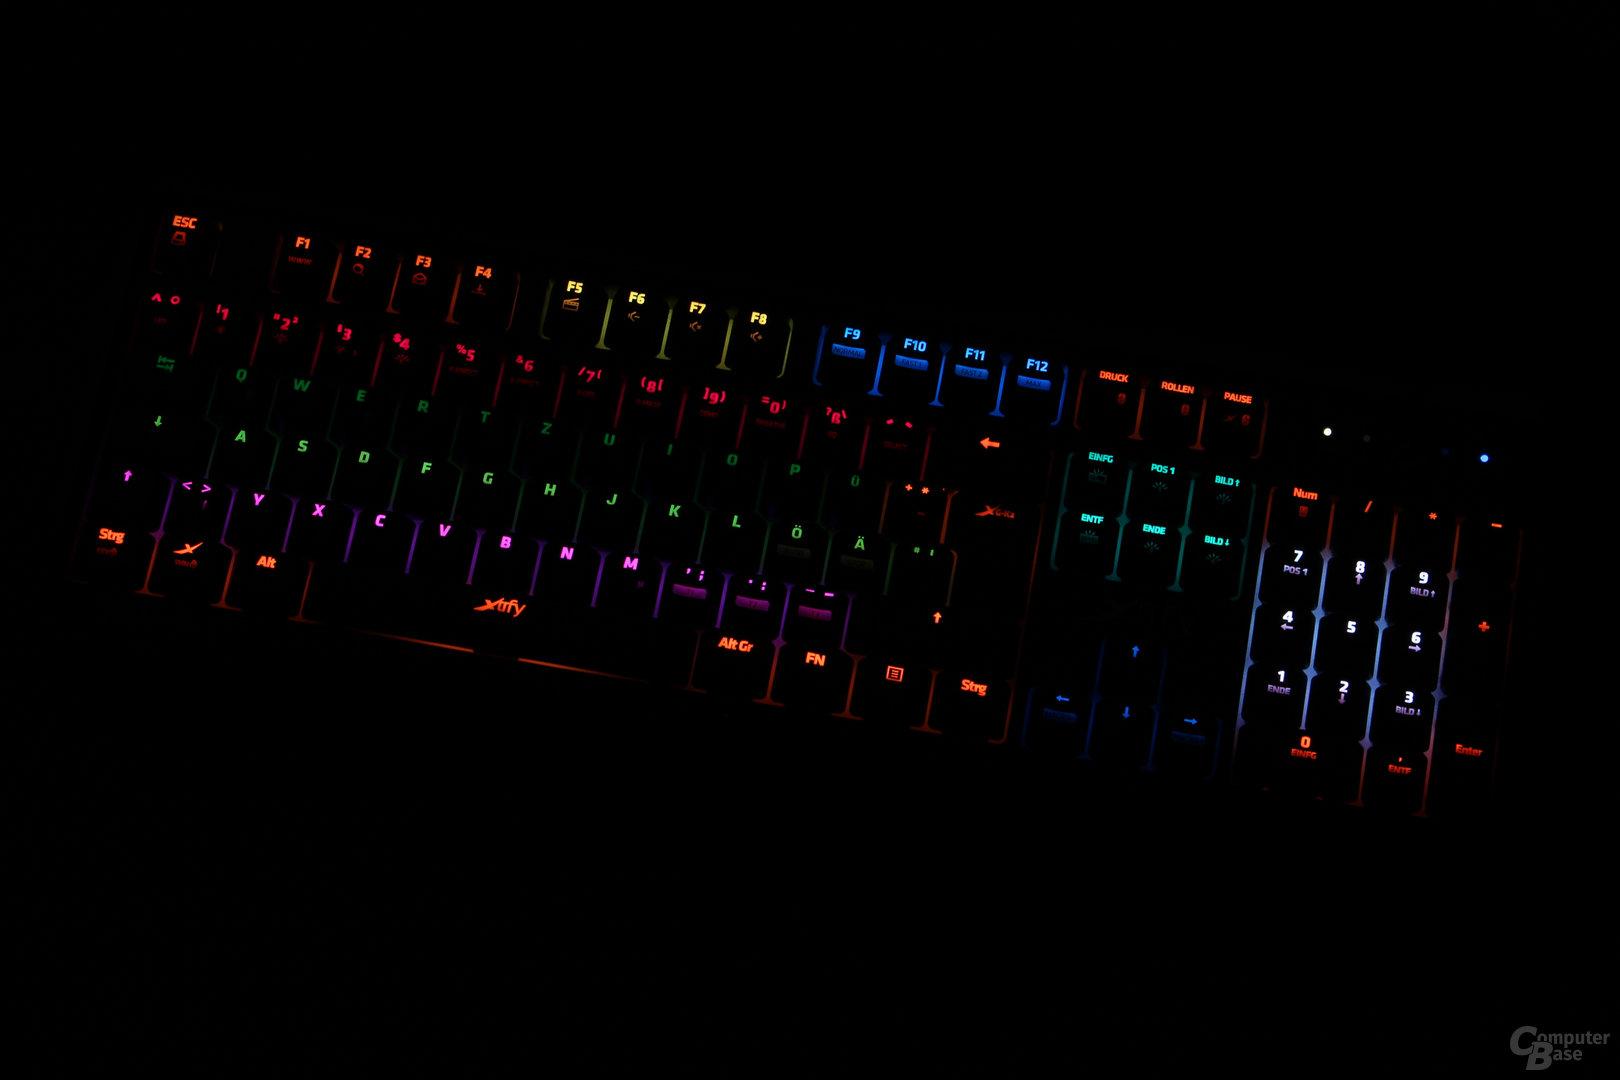 Die Ausleuchtung der K2 ist für RGB-Tastaturen eher schlecht